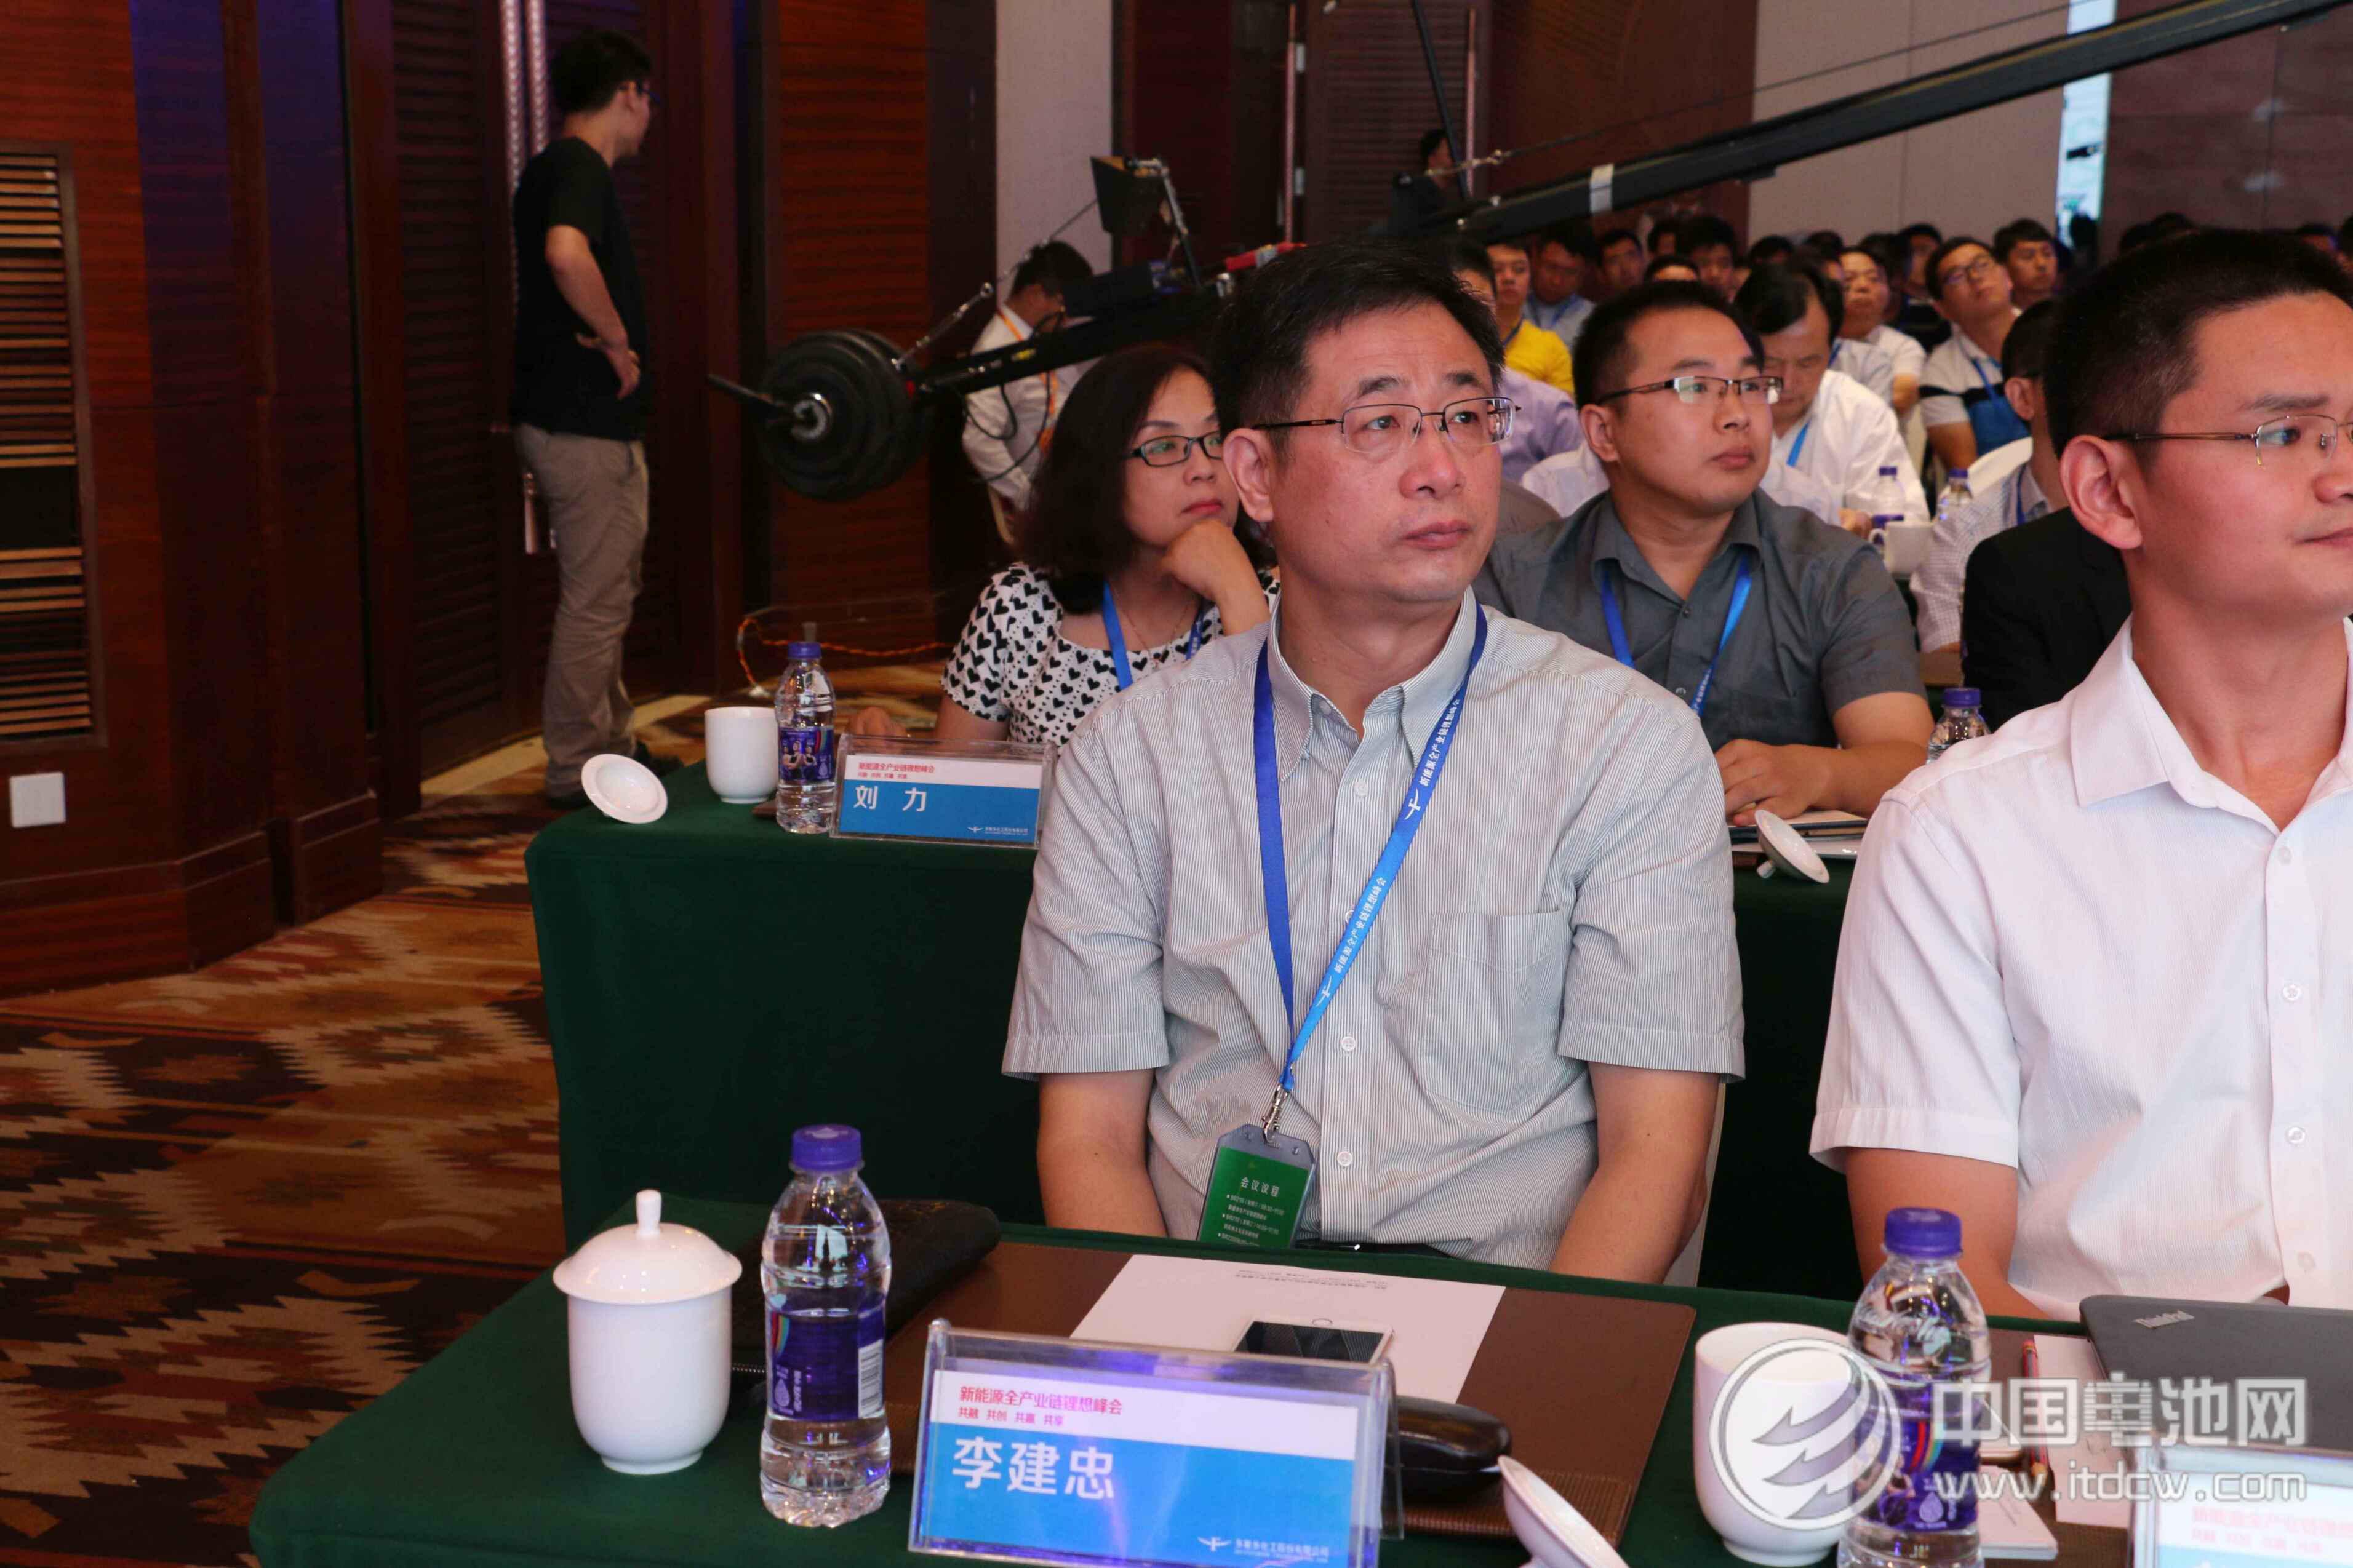 北京当升材料科技股份有限公司总经理李建忠